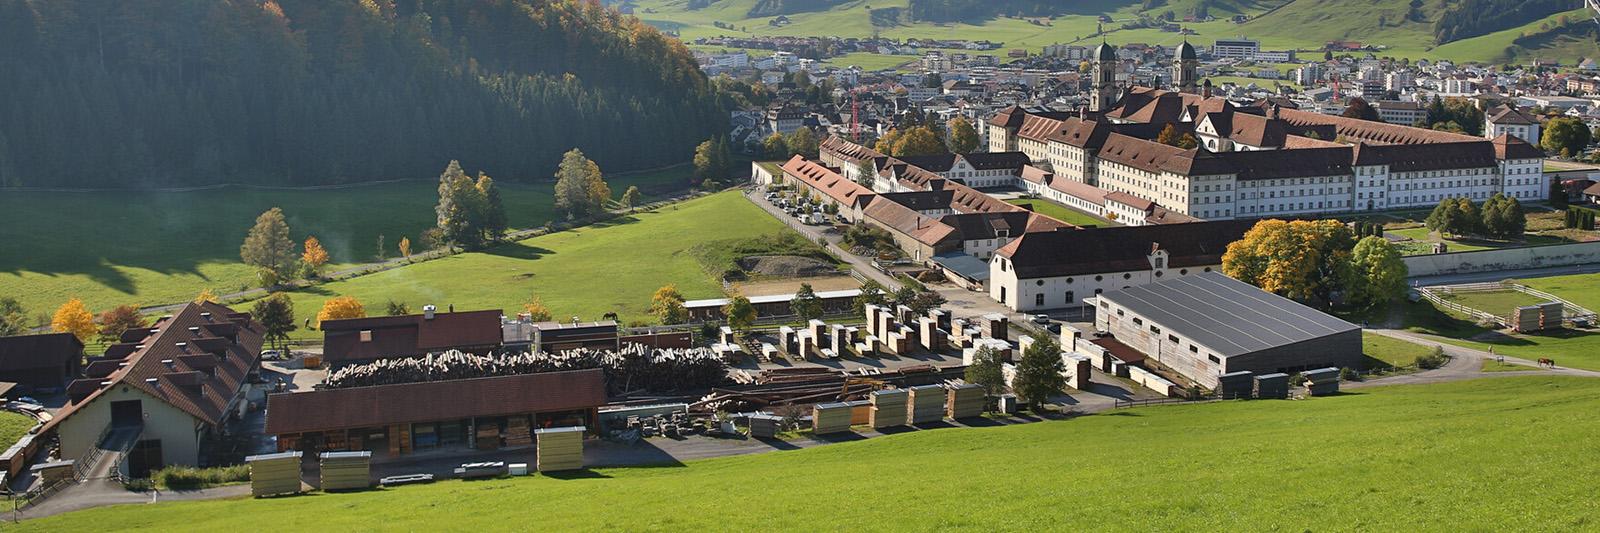 Sägerei Kloster Einsiedeln